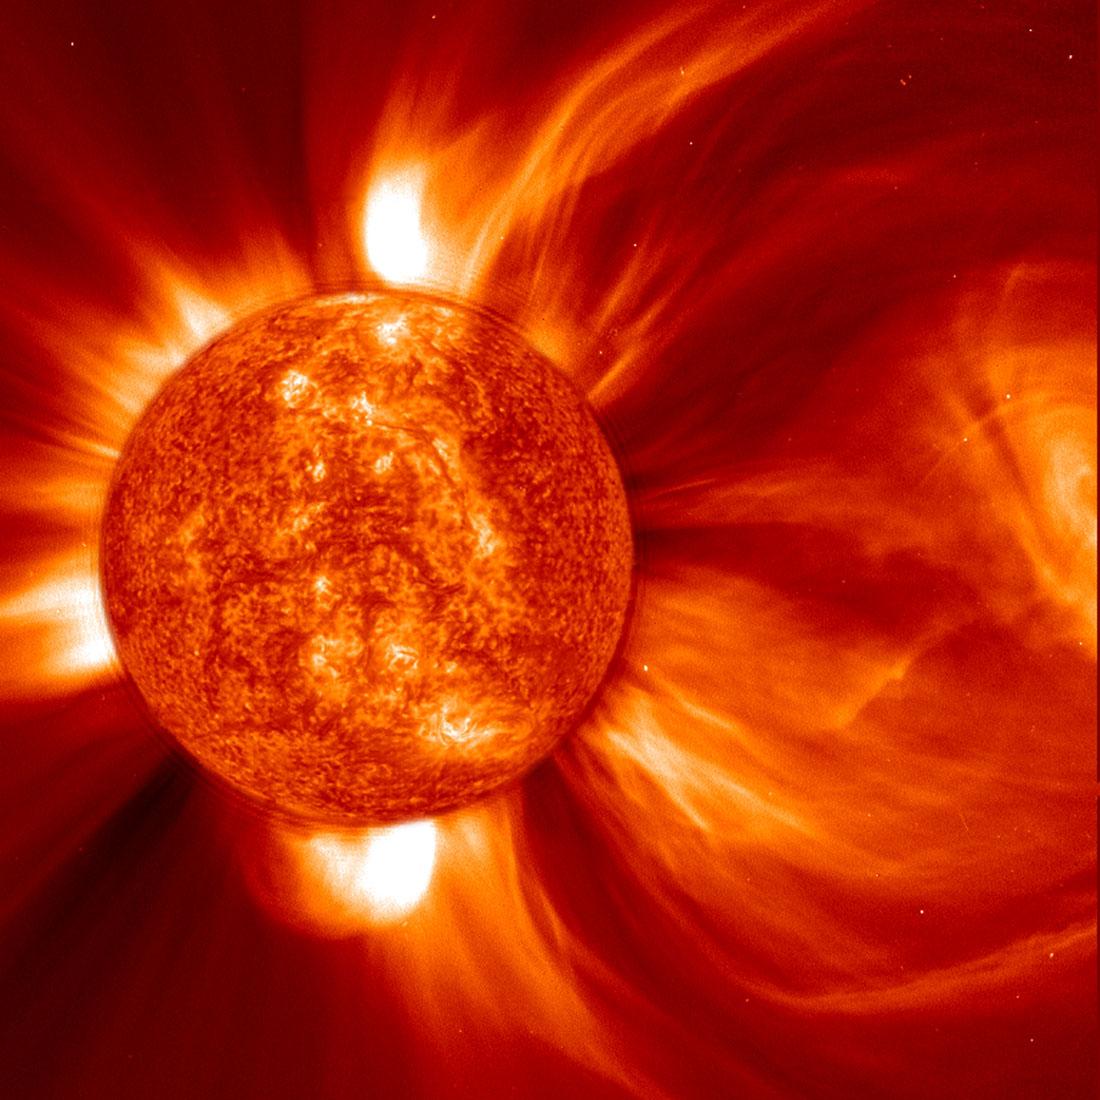 Le soleil dans tous ses tats par jean pierre luminet - Comment ne pas attraper de coup de soleil ...